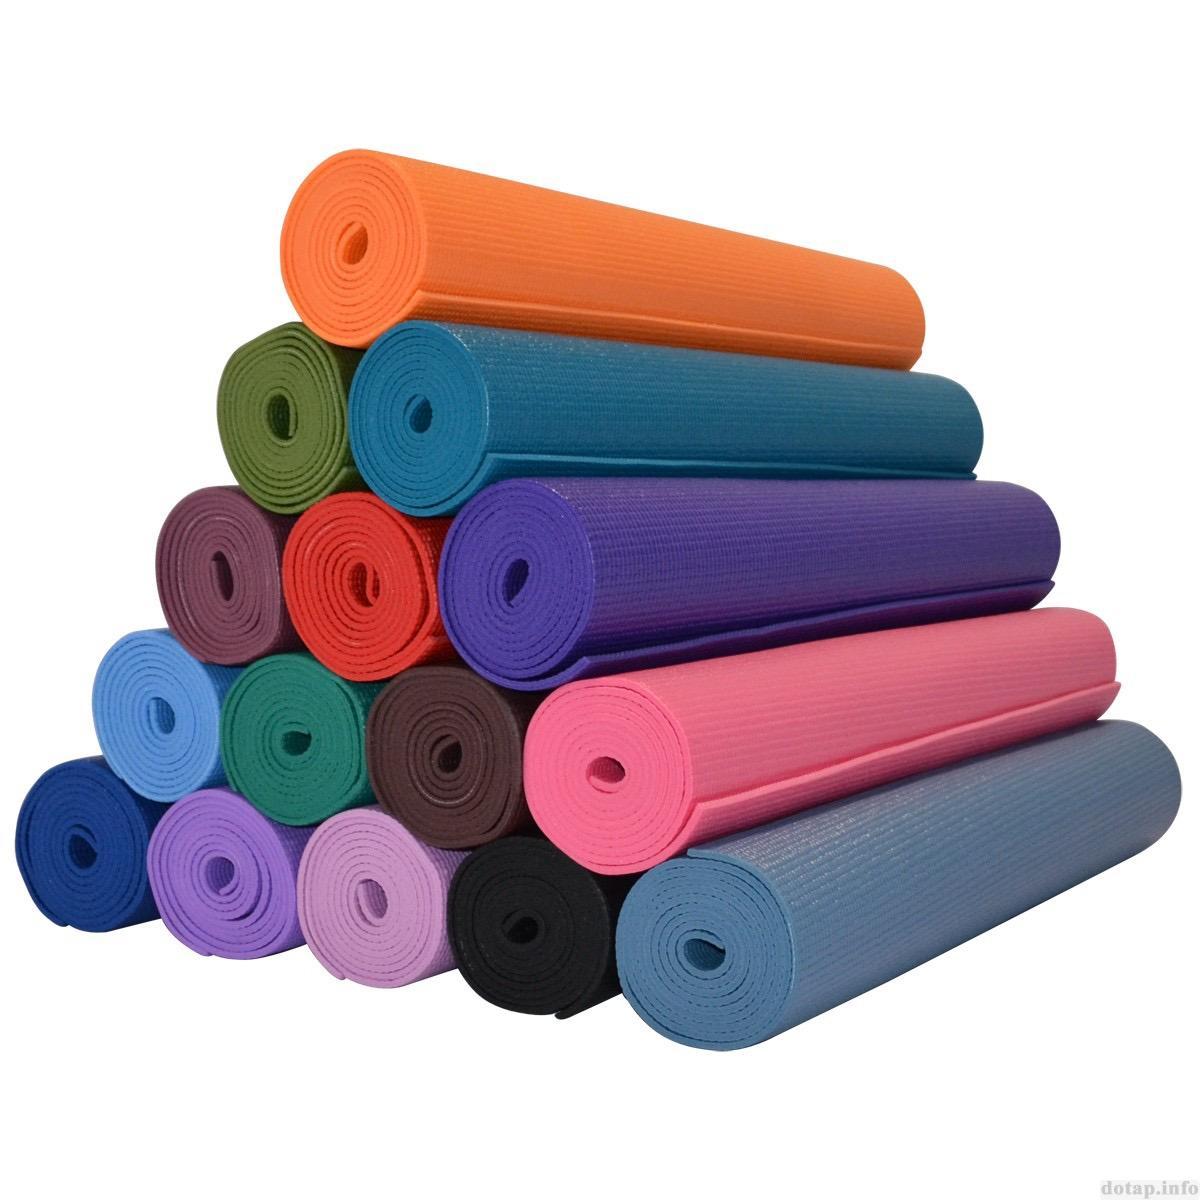 Thảm Tập Yoga Ribobi Trơn 6Mm Đỏ Đo Ribobi Chiết Khấu 30